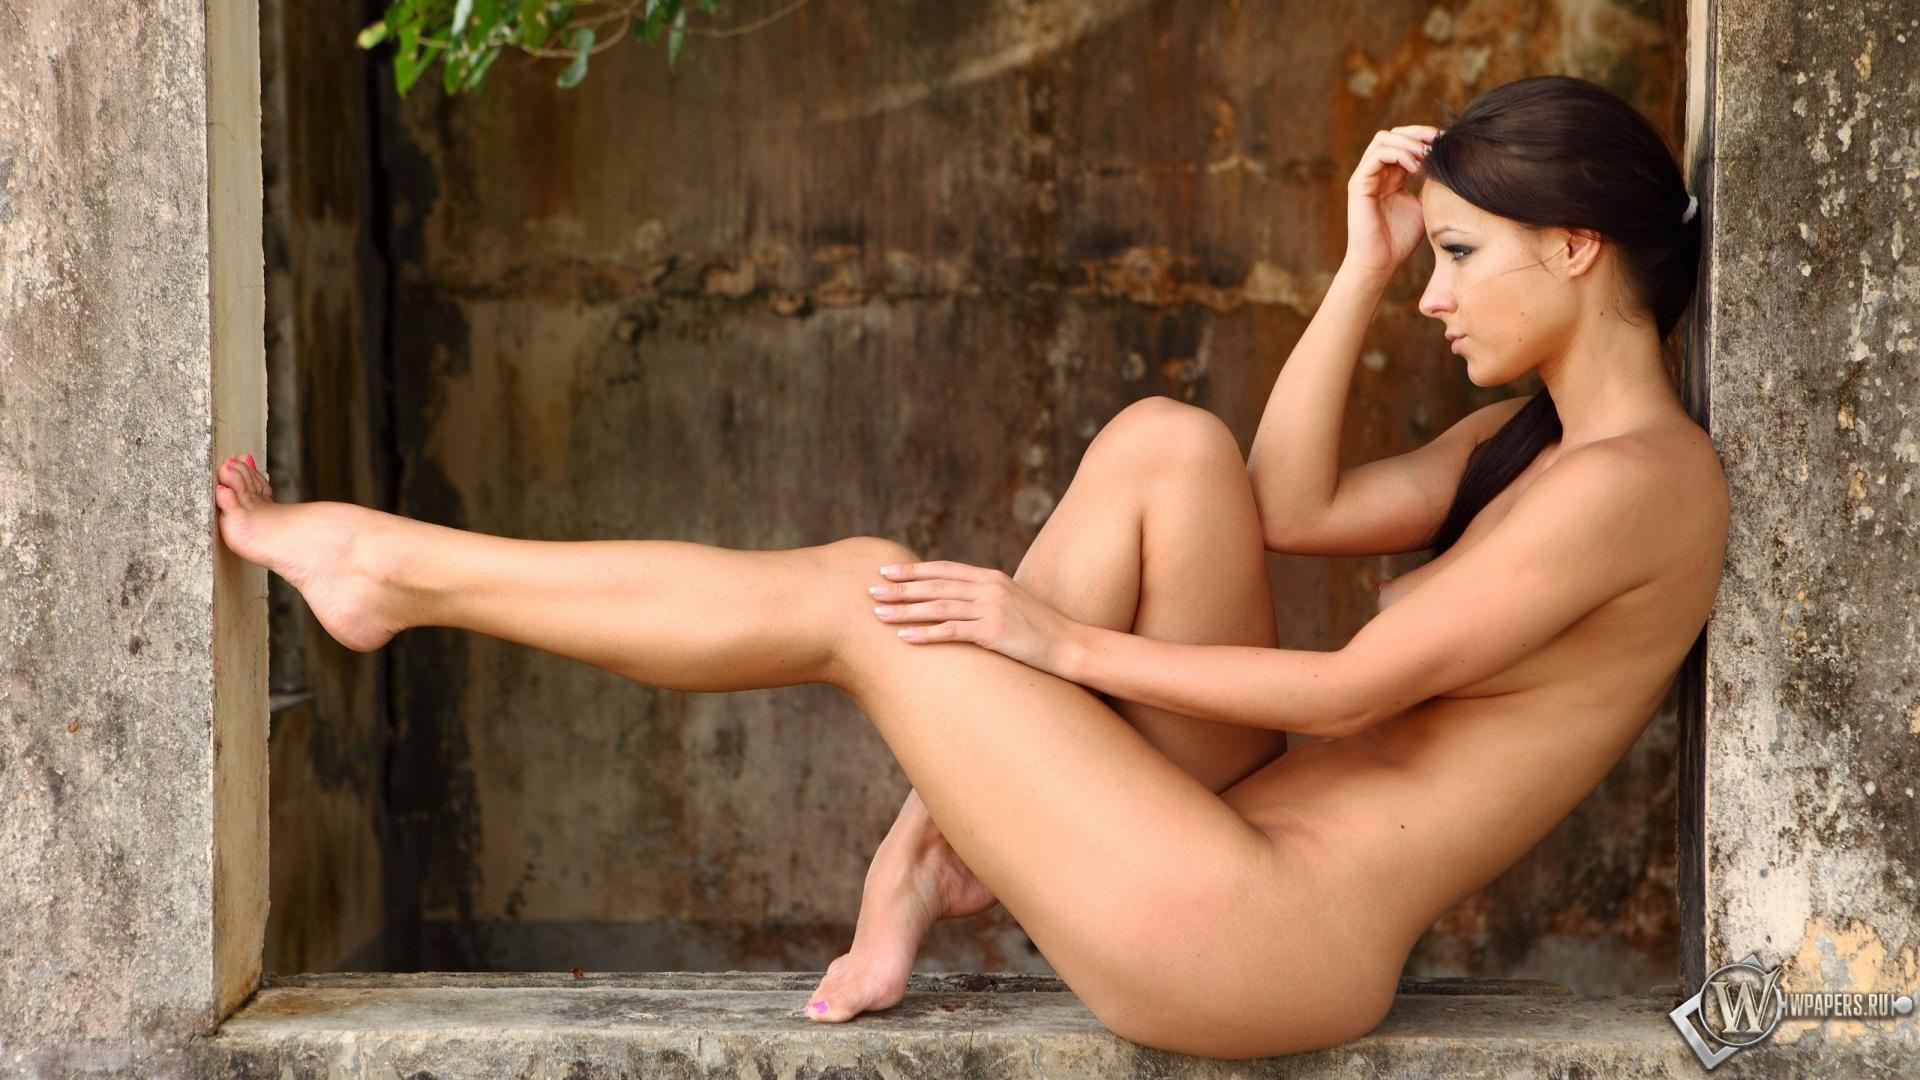 Фото голые девушки в одних джинсах